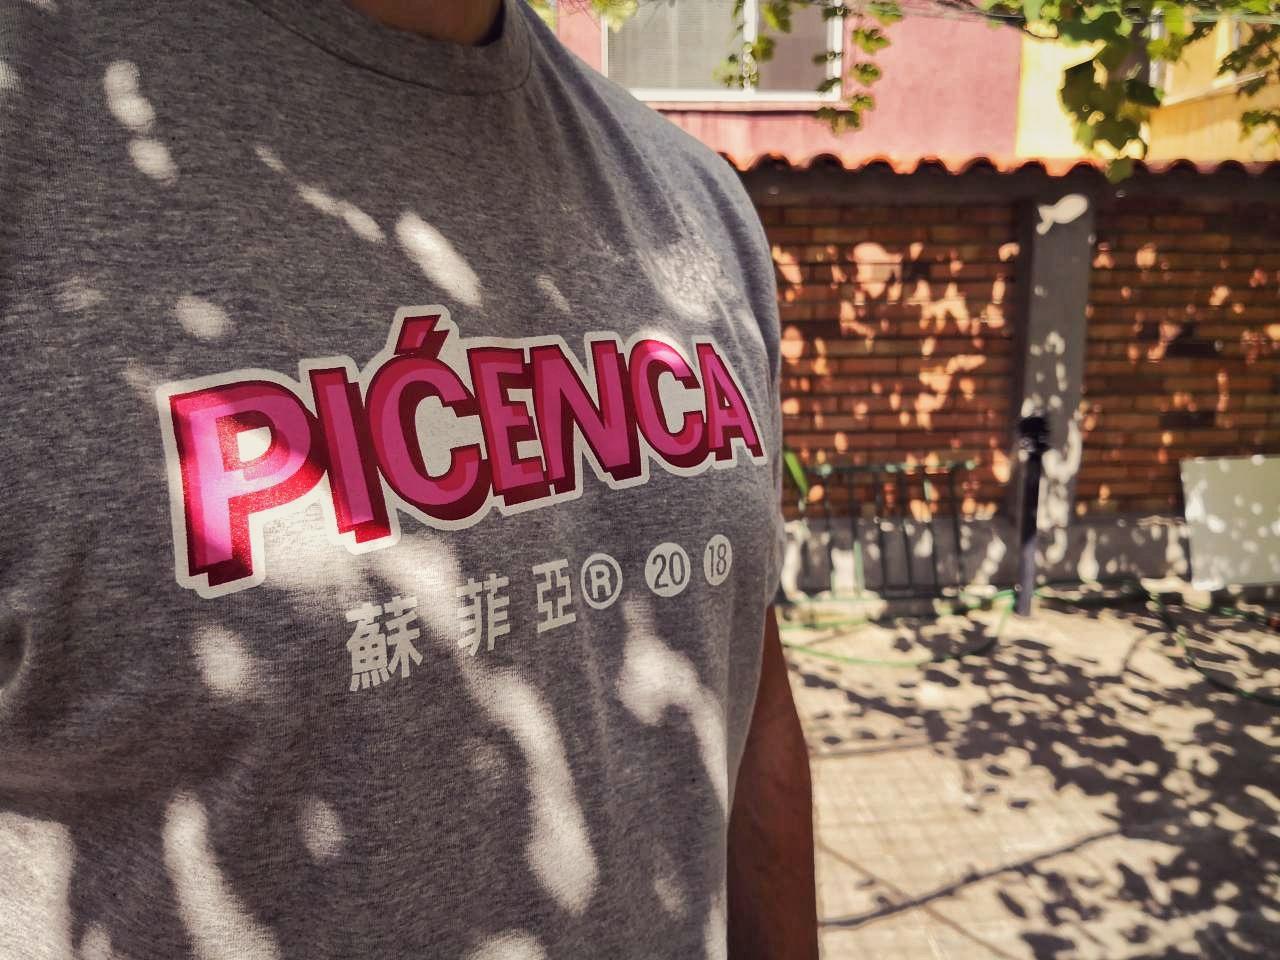 клиент: Picenca